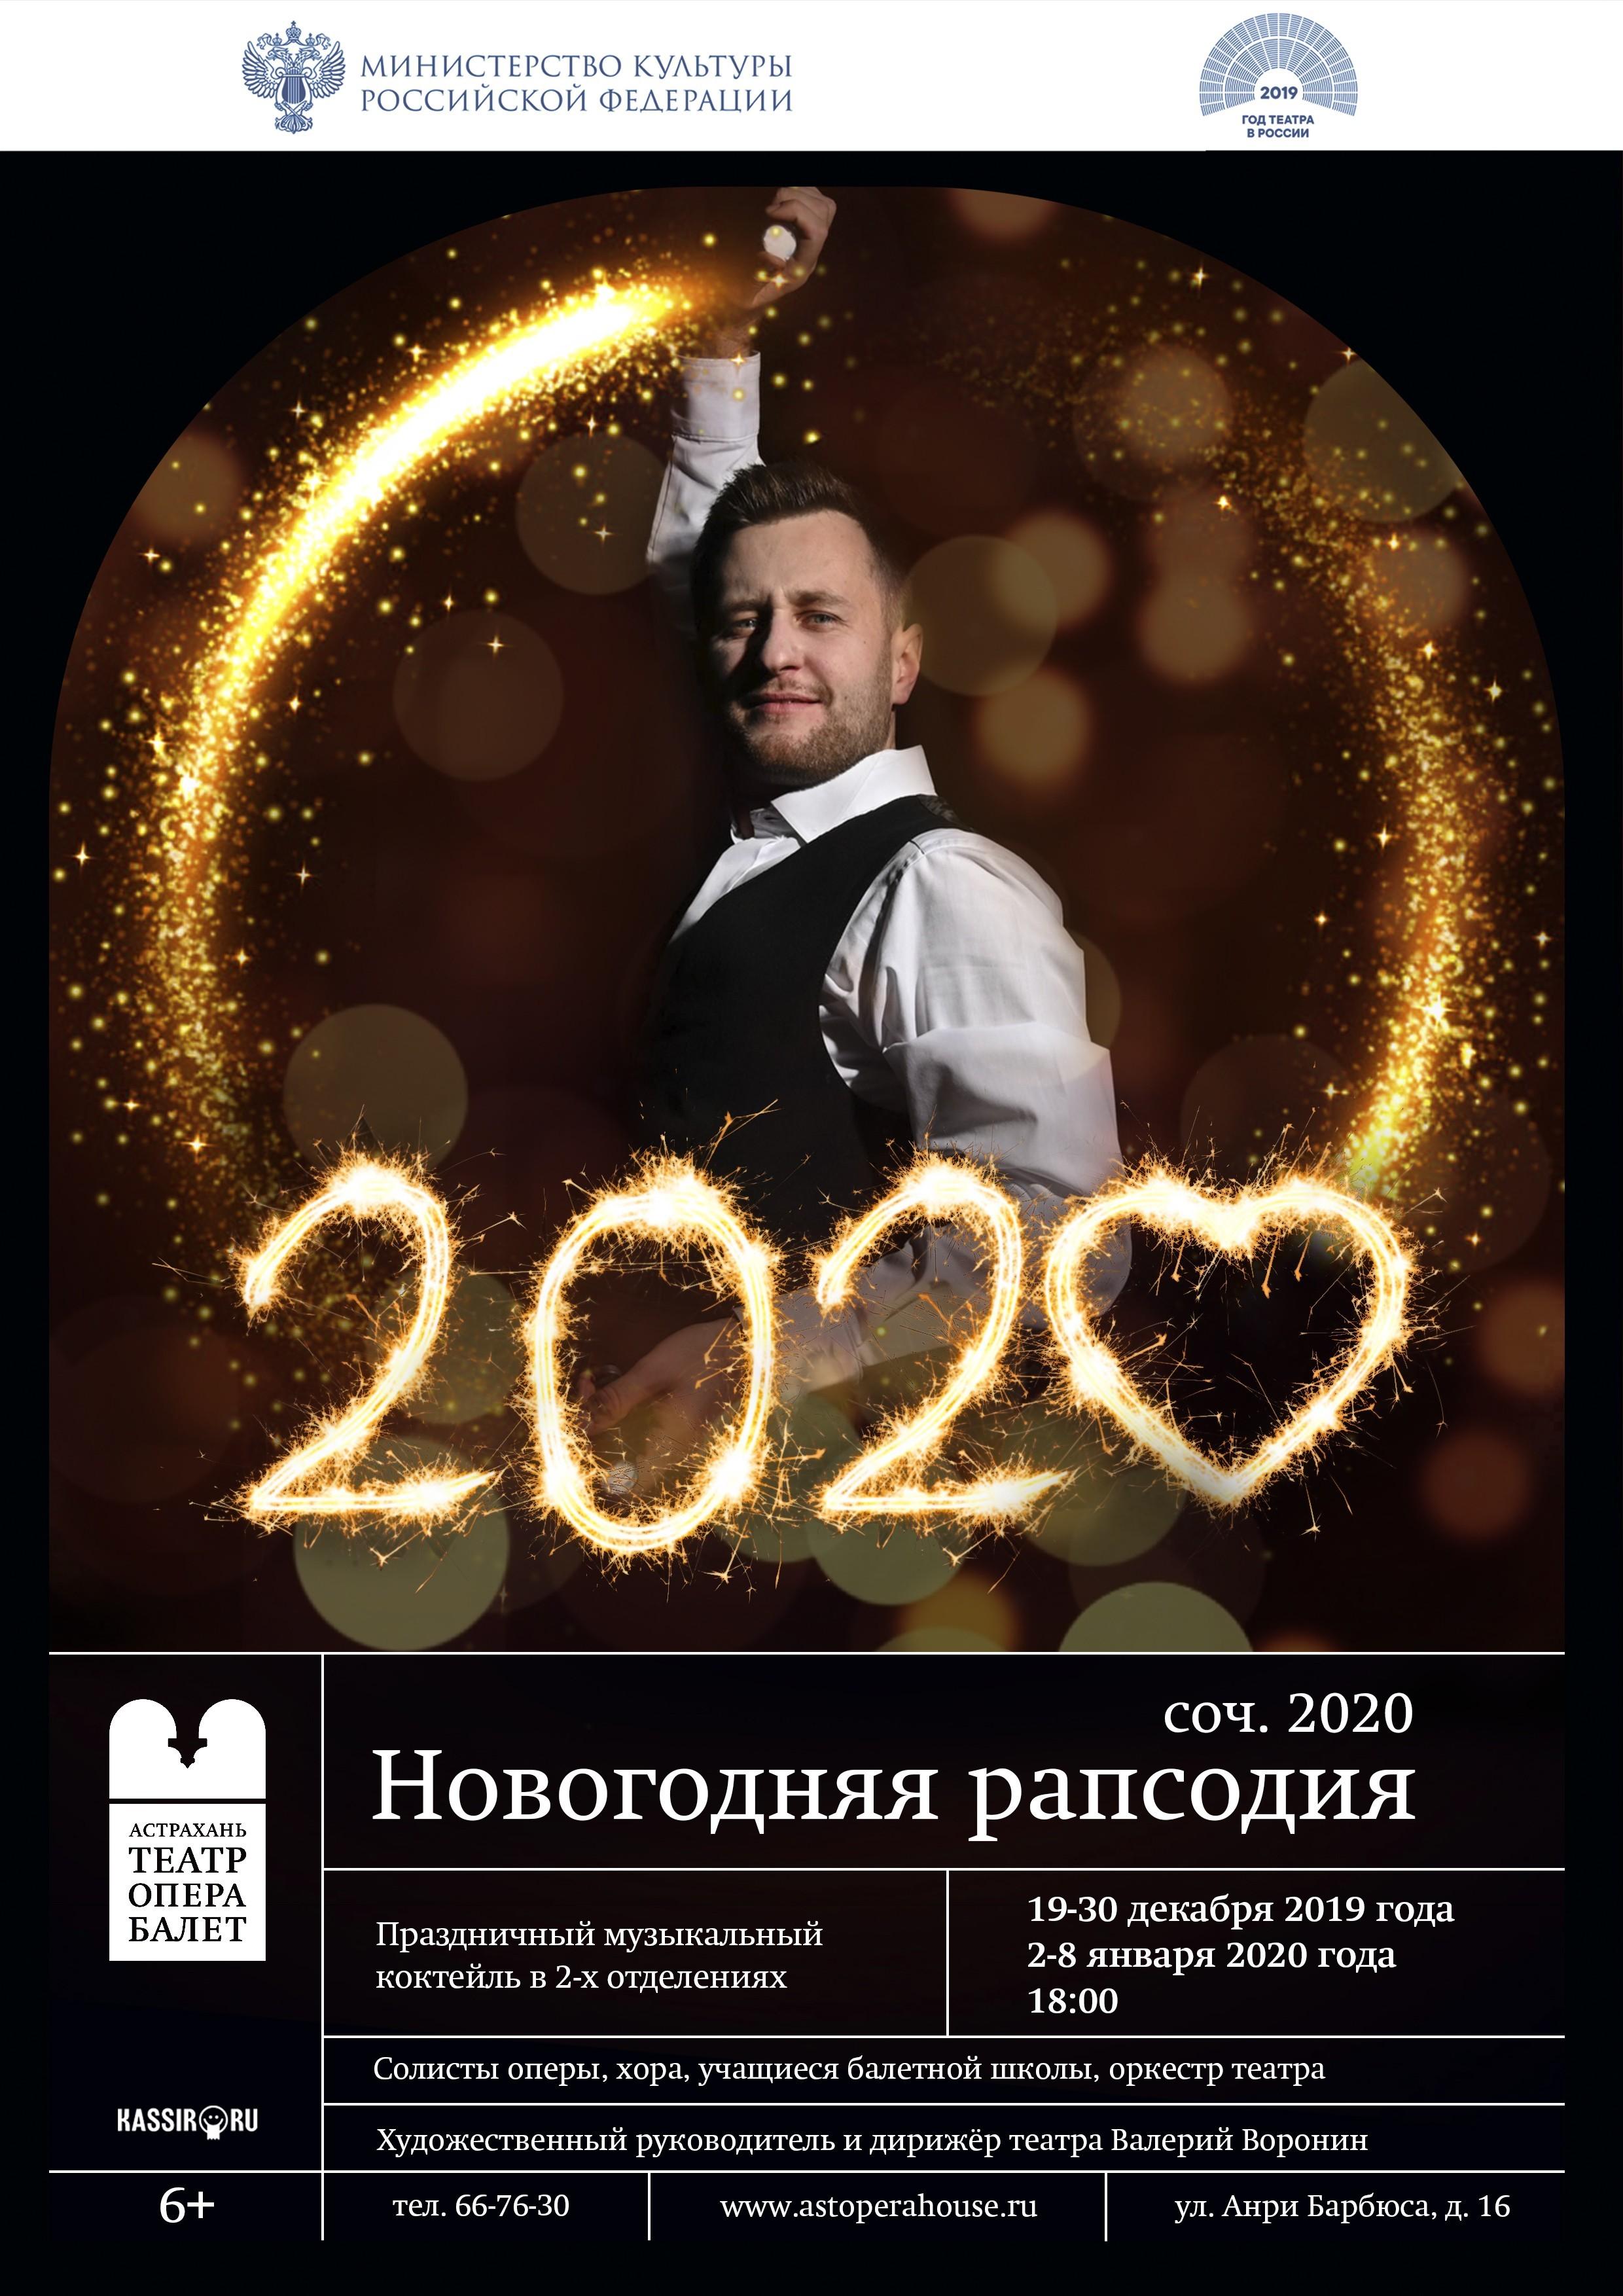 Не спешите покидать Астрахань в канун новогодних праздников